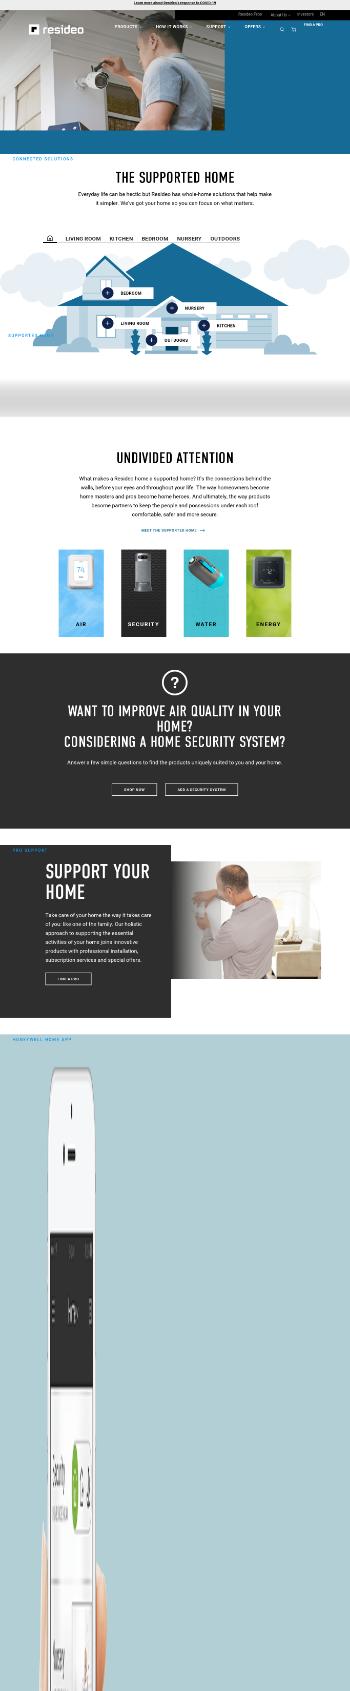 Resideo Technologies, Inc. Website Screenshot